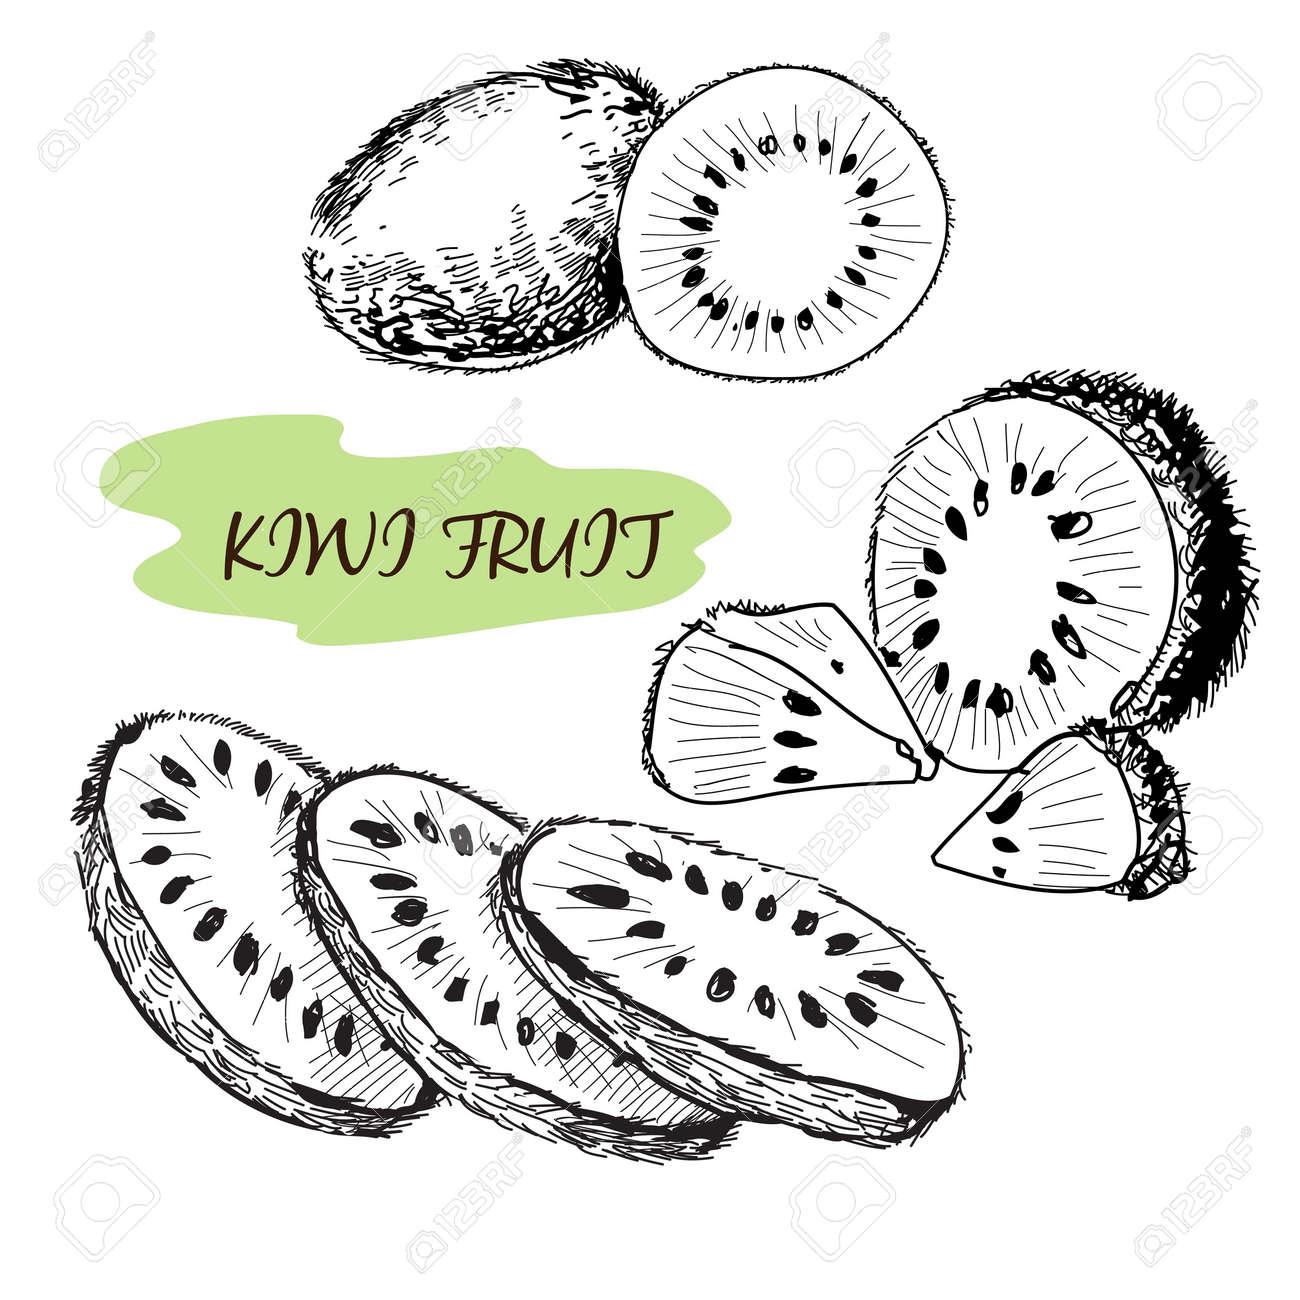 Kiwi Fruit Drawing Kiwi Fruit Set of Hand Drawn